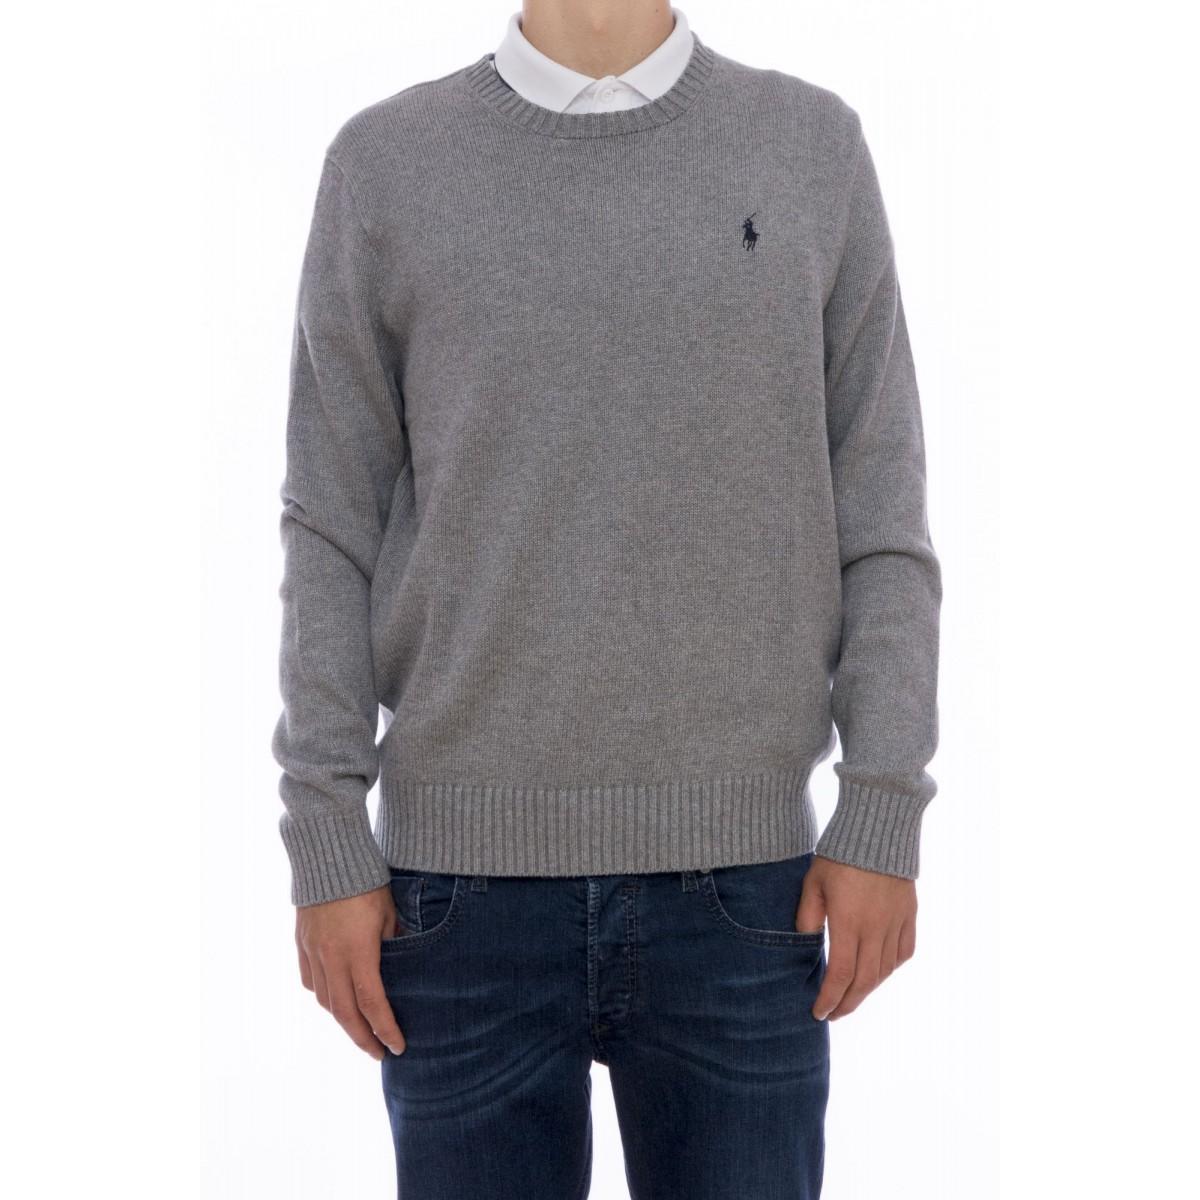 Maglia uomo Ralph lauren - A40scn15c1p52 maglia cotone invernale